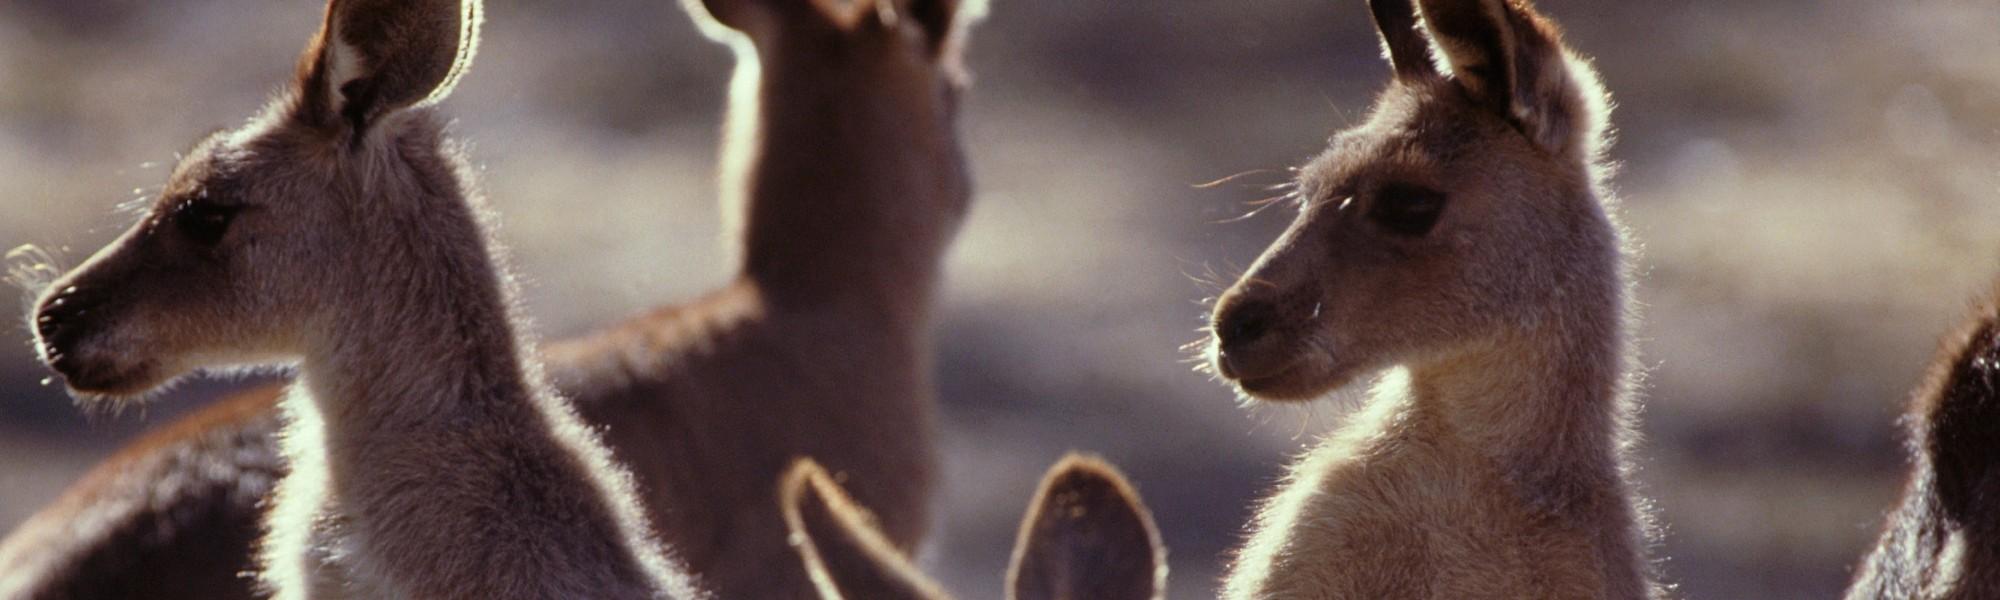 Akorn.Kangaroos